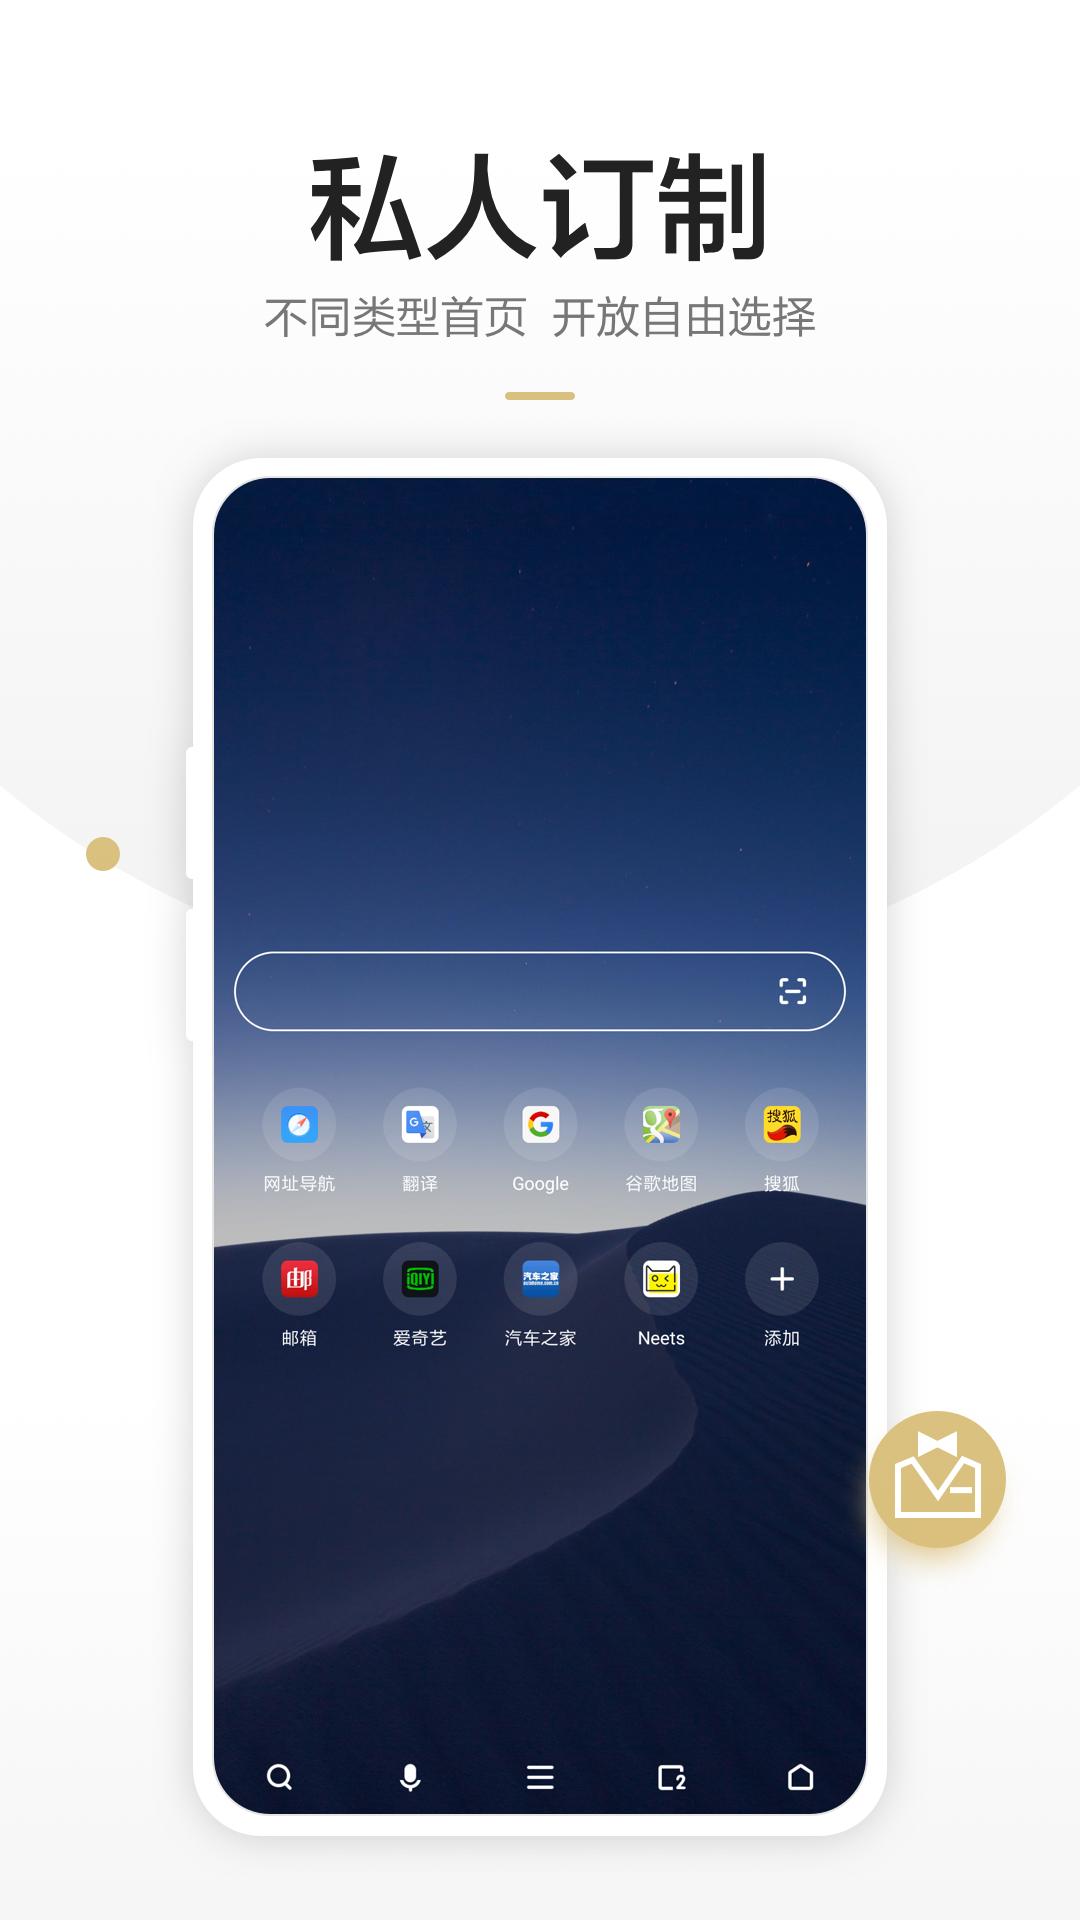 360浏览器2018官网正式版图2